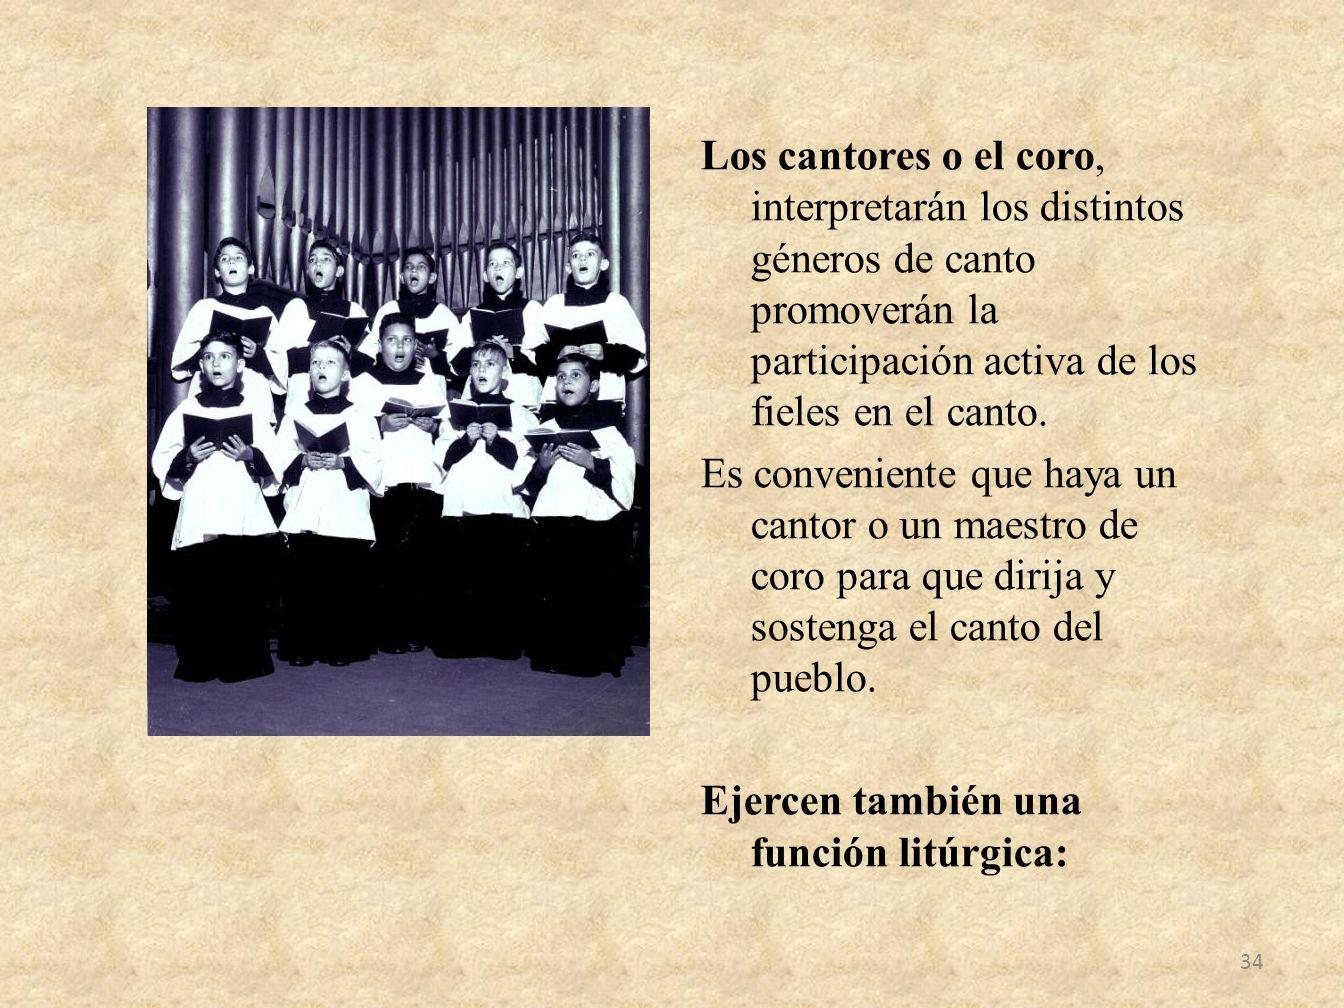 Los cantores o el coro, interpretarán los distintos géneros de canto promoverán la participación activa de los fieles en el canto. Es conveniente que